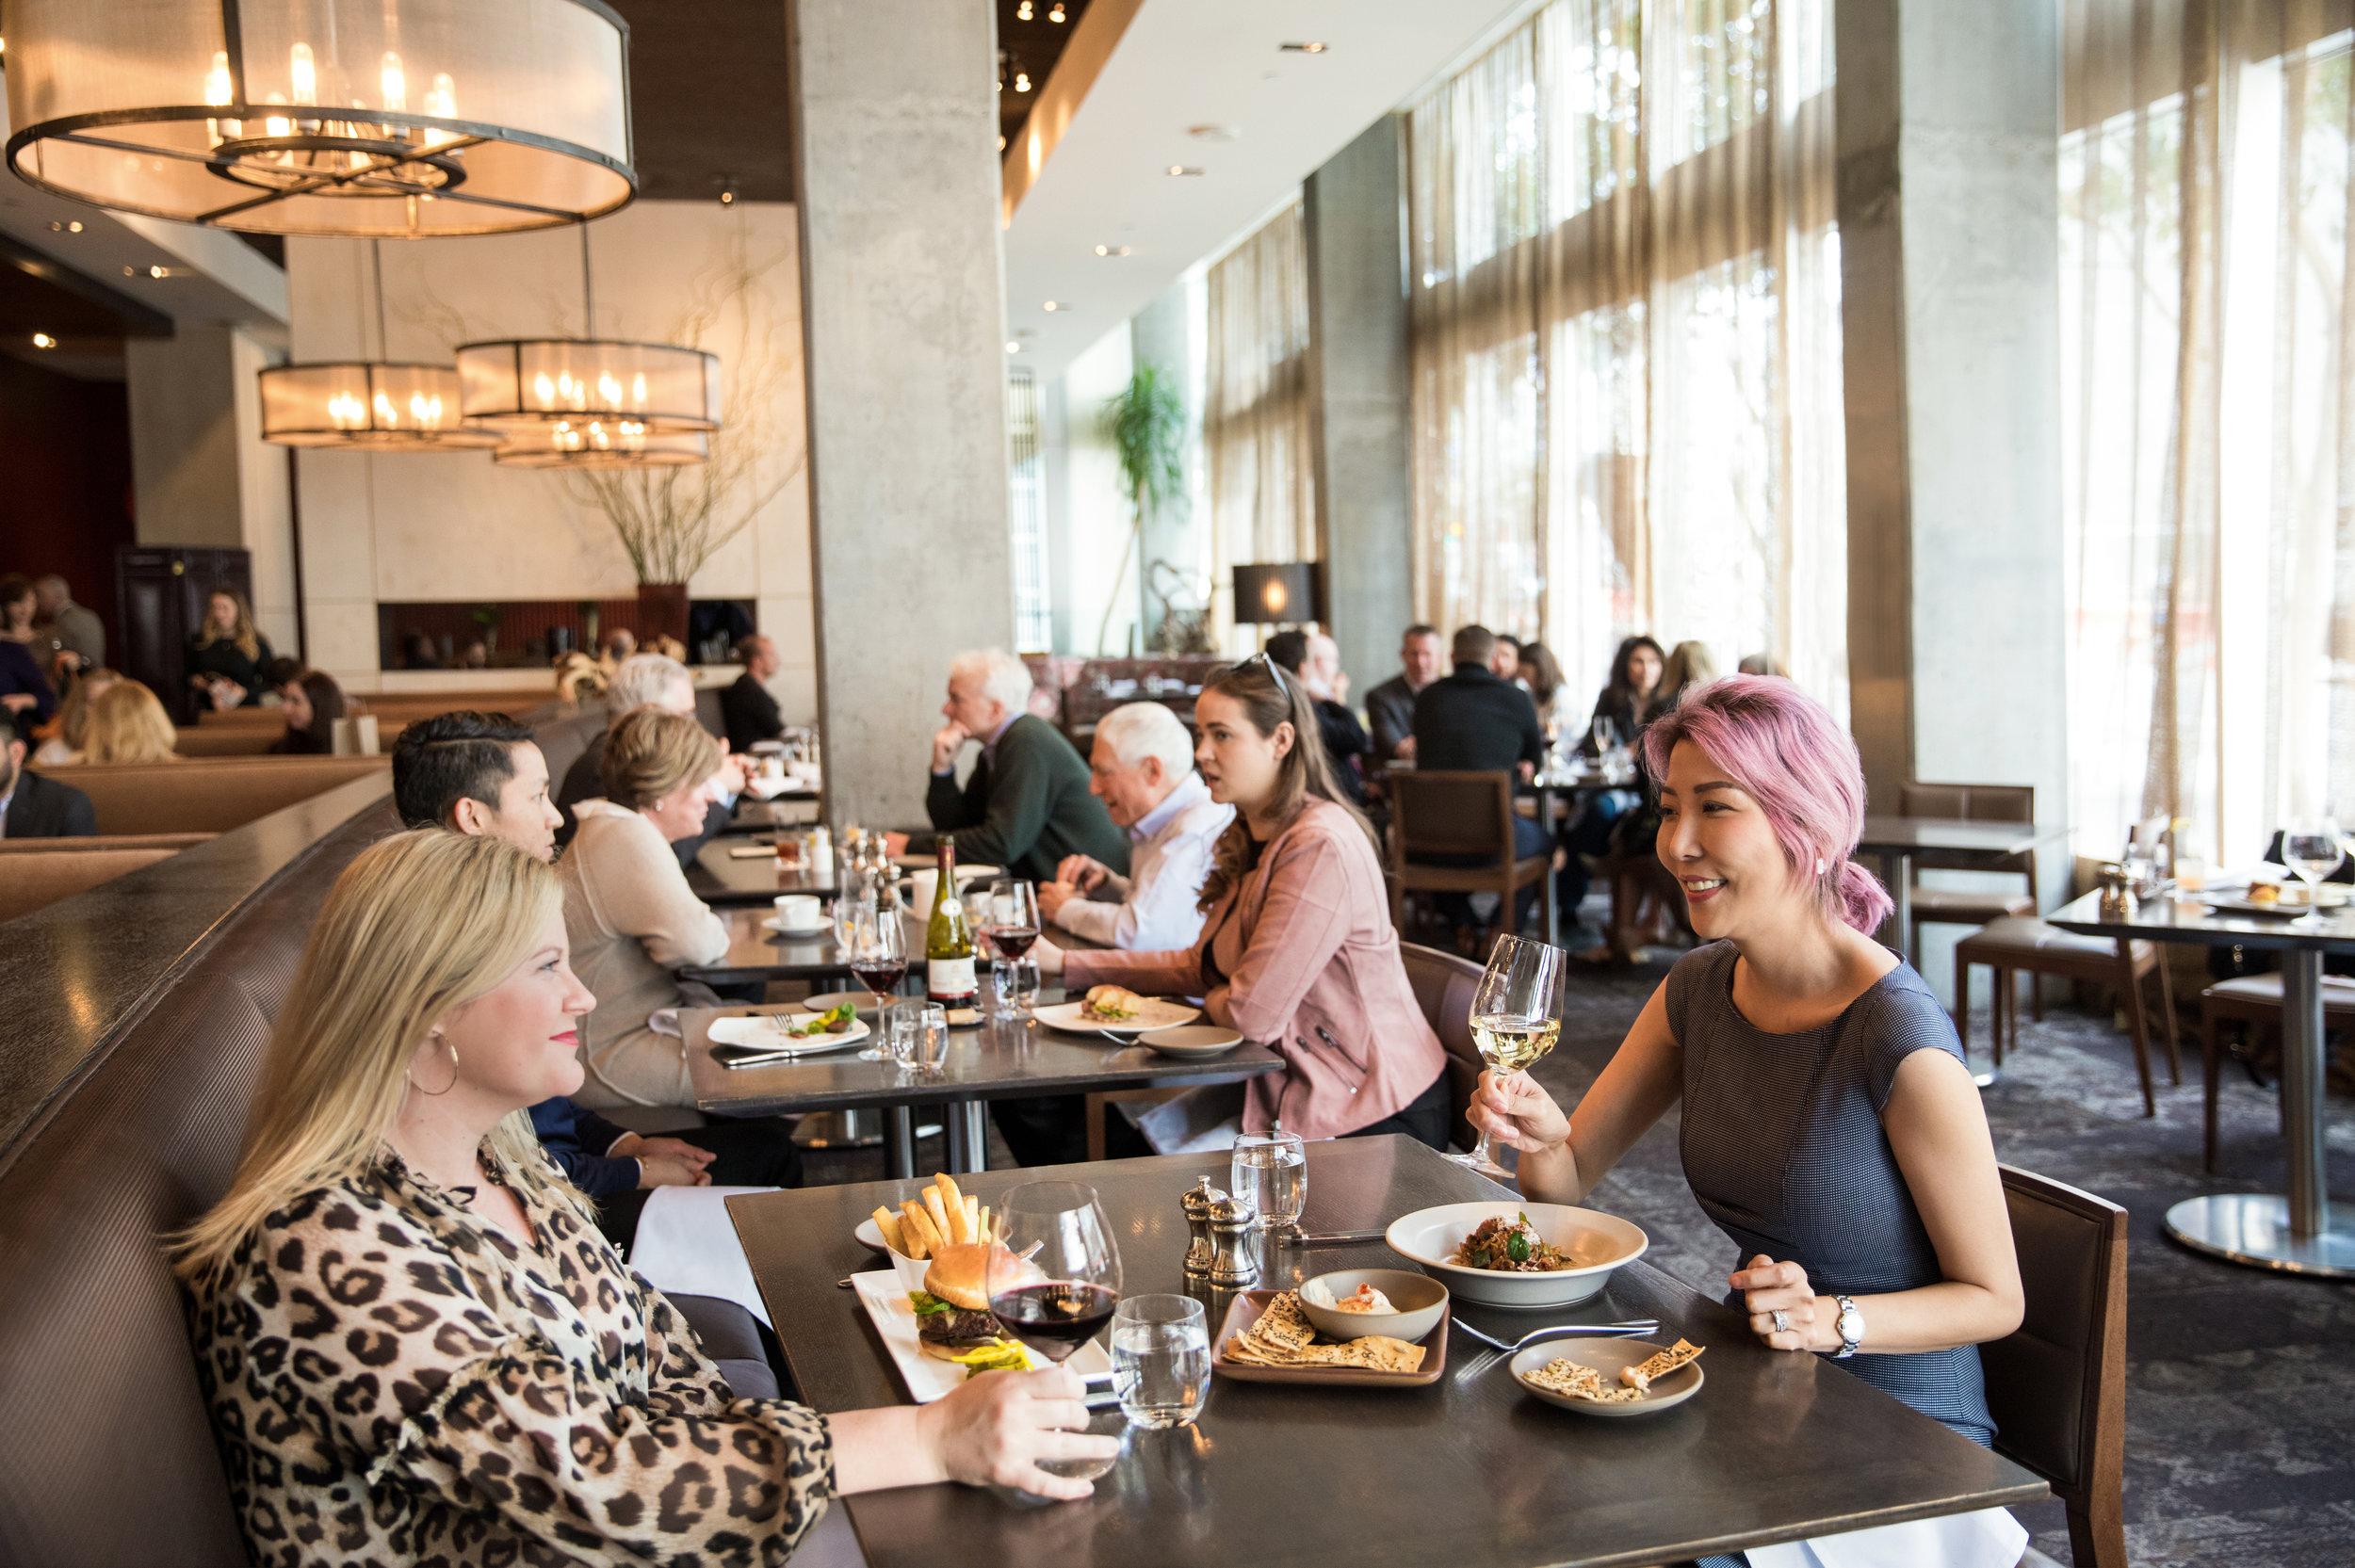 Restaurant Reservation San Francisco